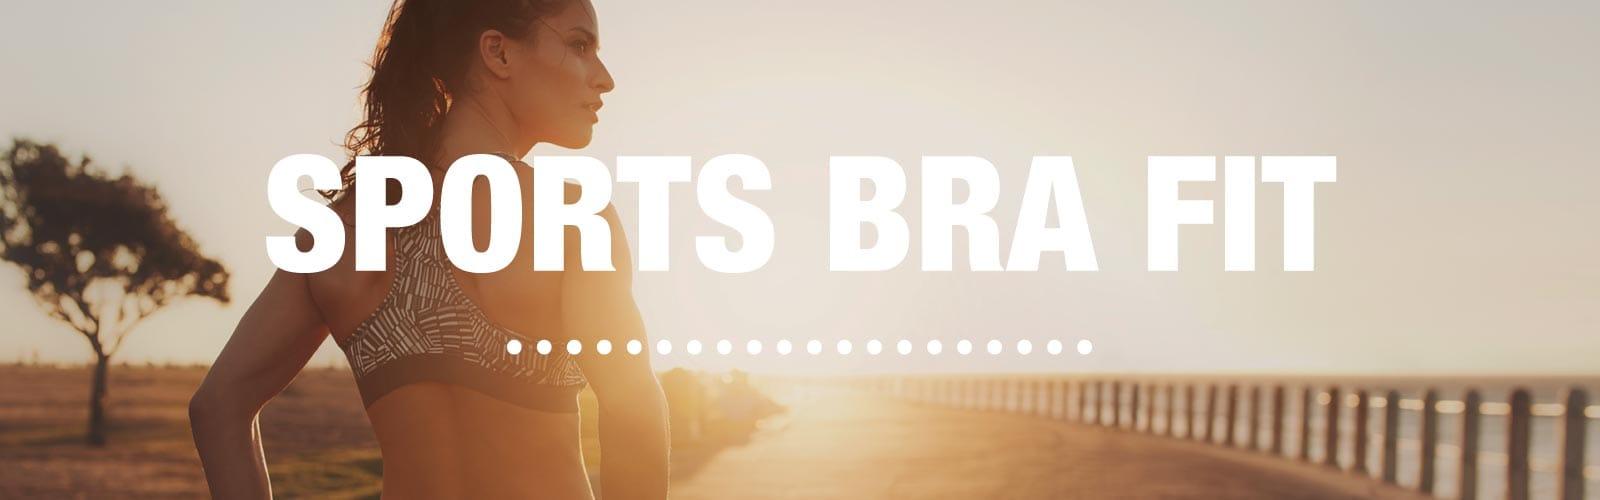 Sports Bra Fit Guide